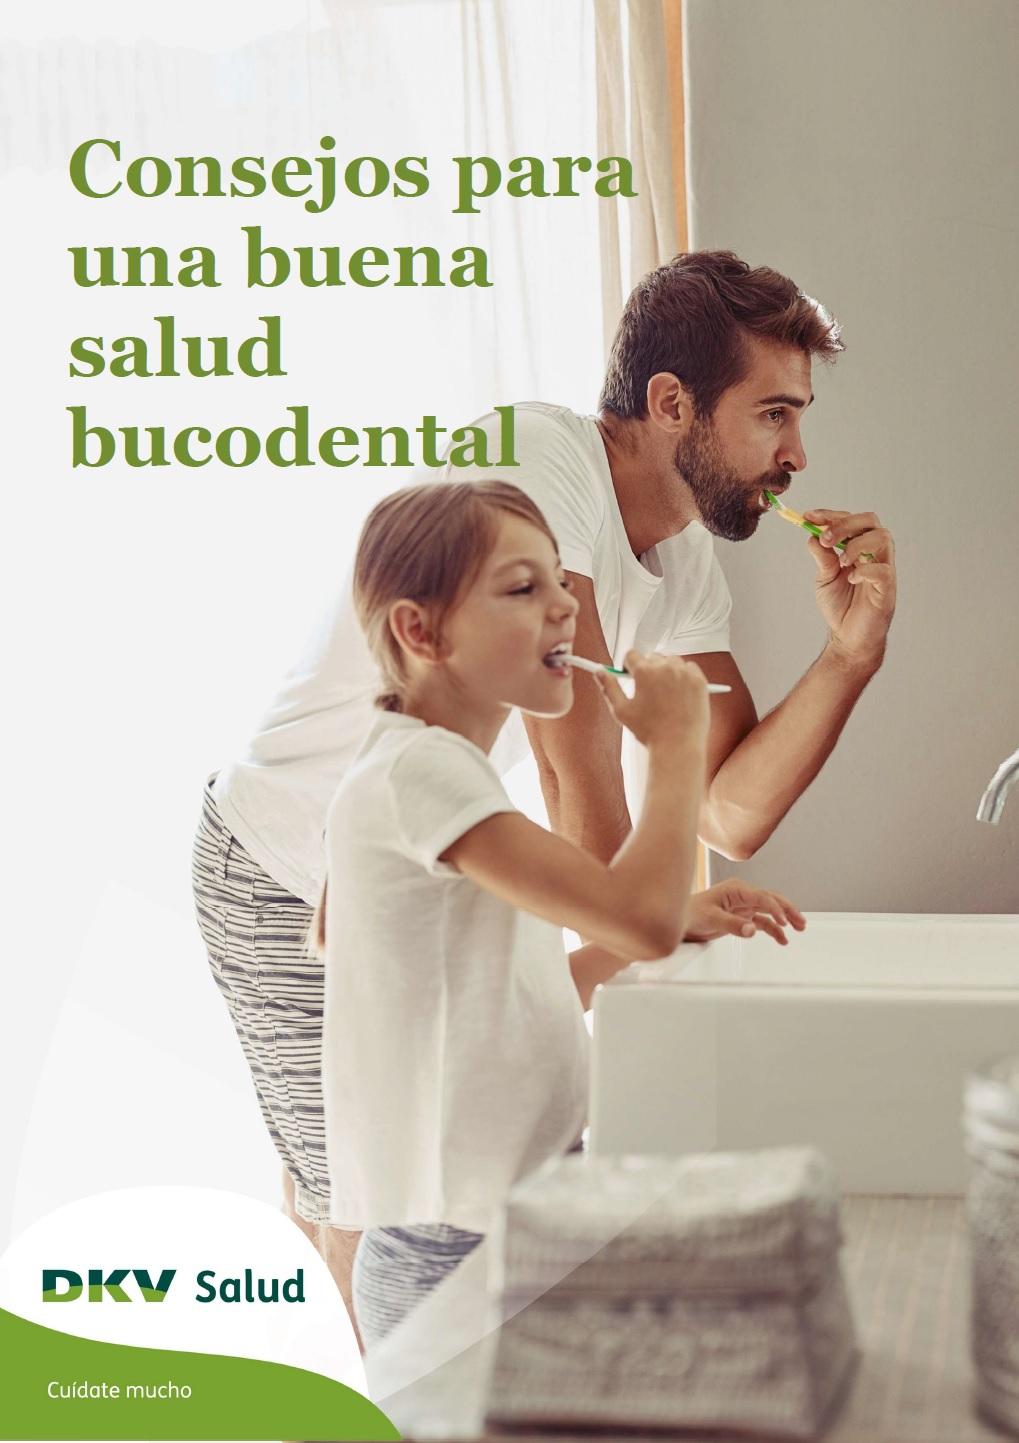 DKV - Higiene dental - Portada 2D